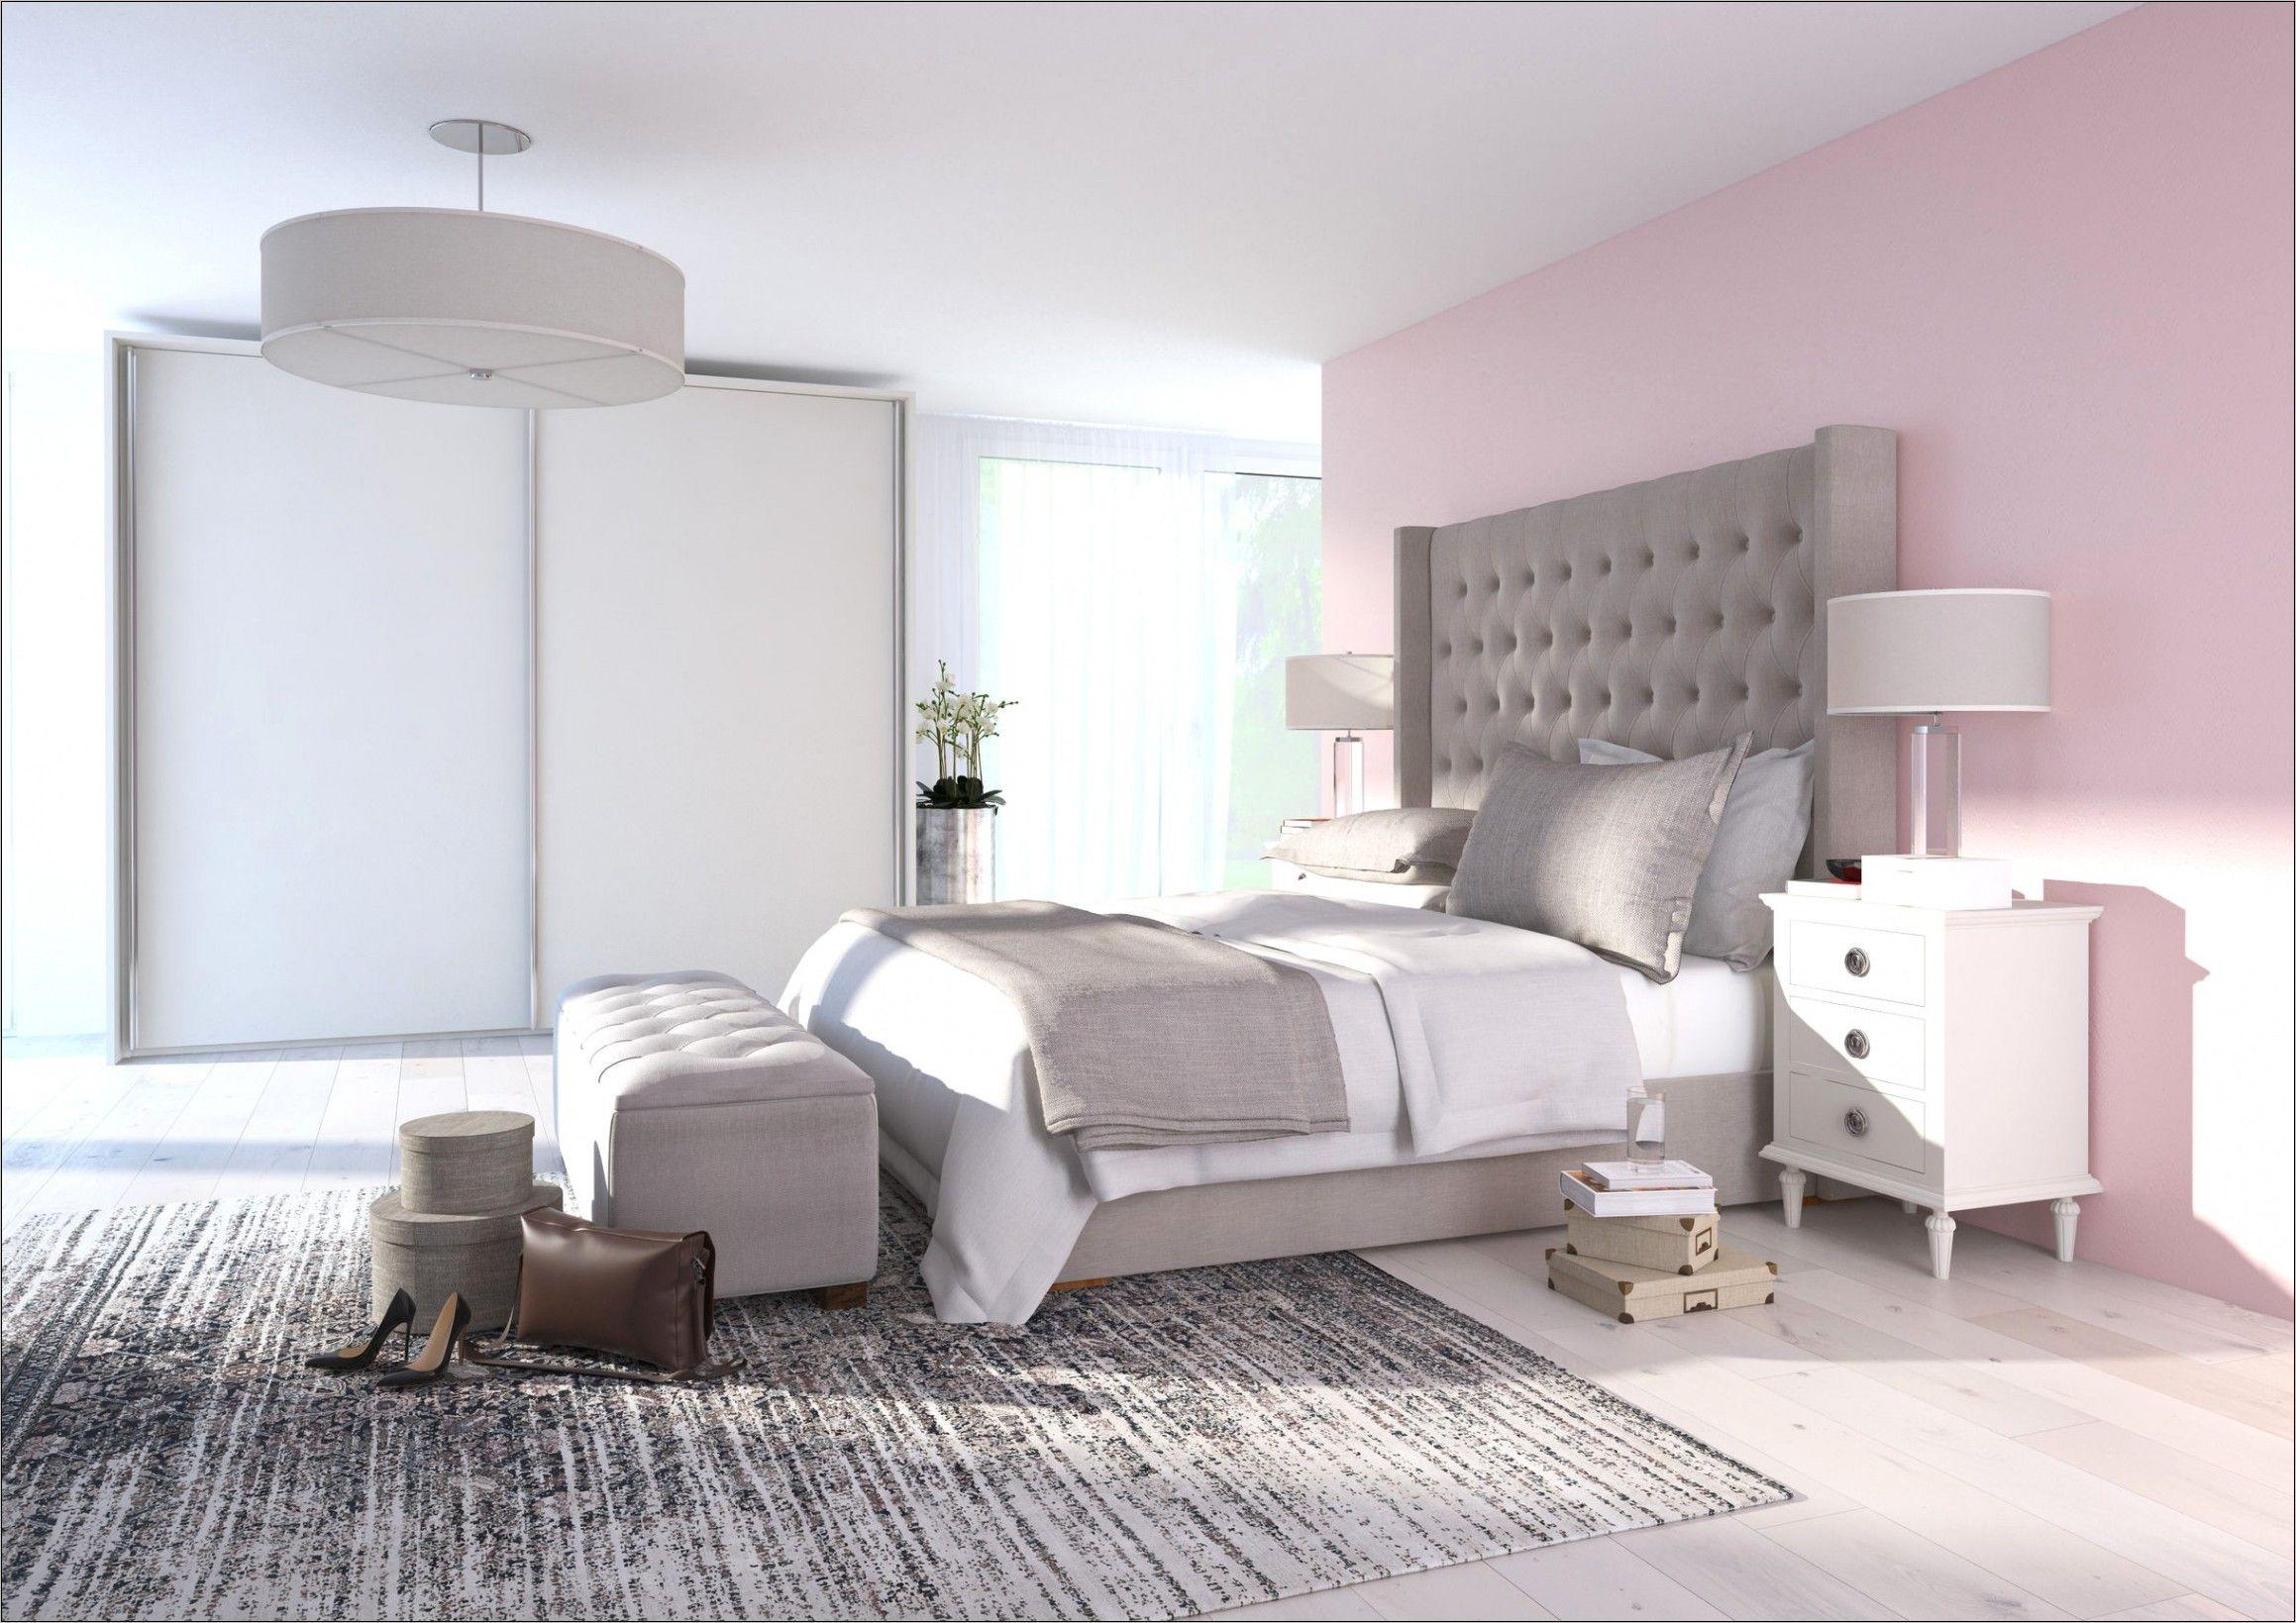 Deco Chambre Gris Et Rose Poudre Avec Images Deco Chambre